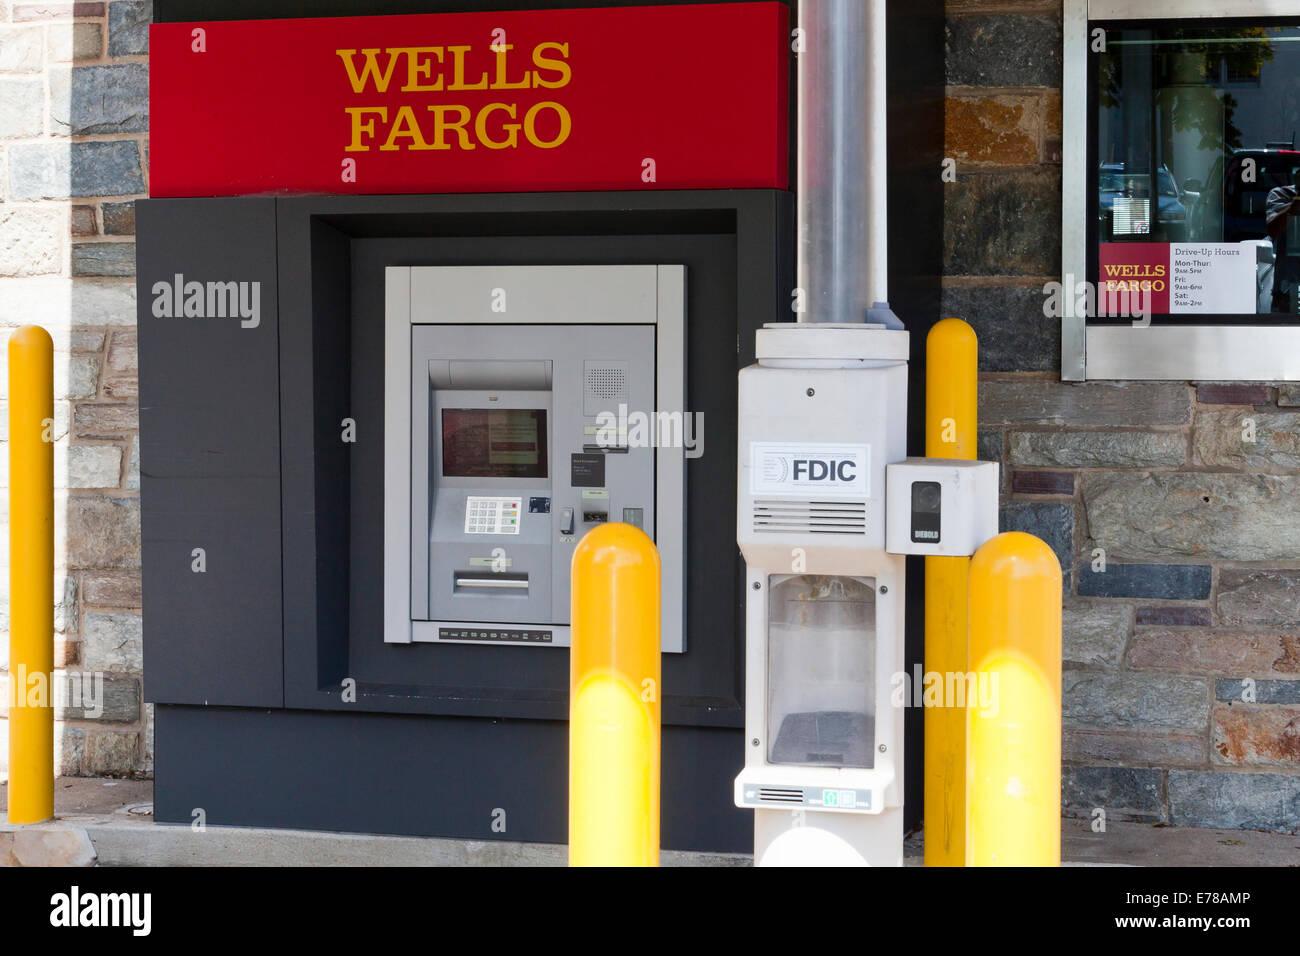 La Wells Fargo dur jusqu'ATM - Washington, DC USA Banque D'Images